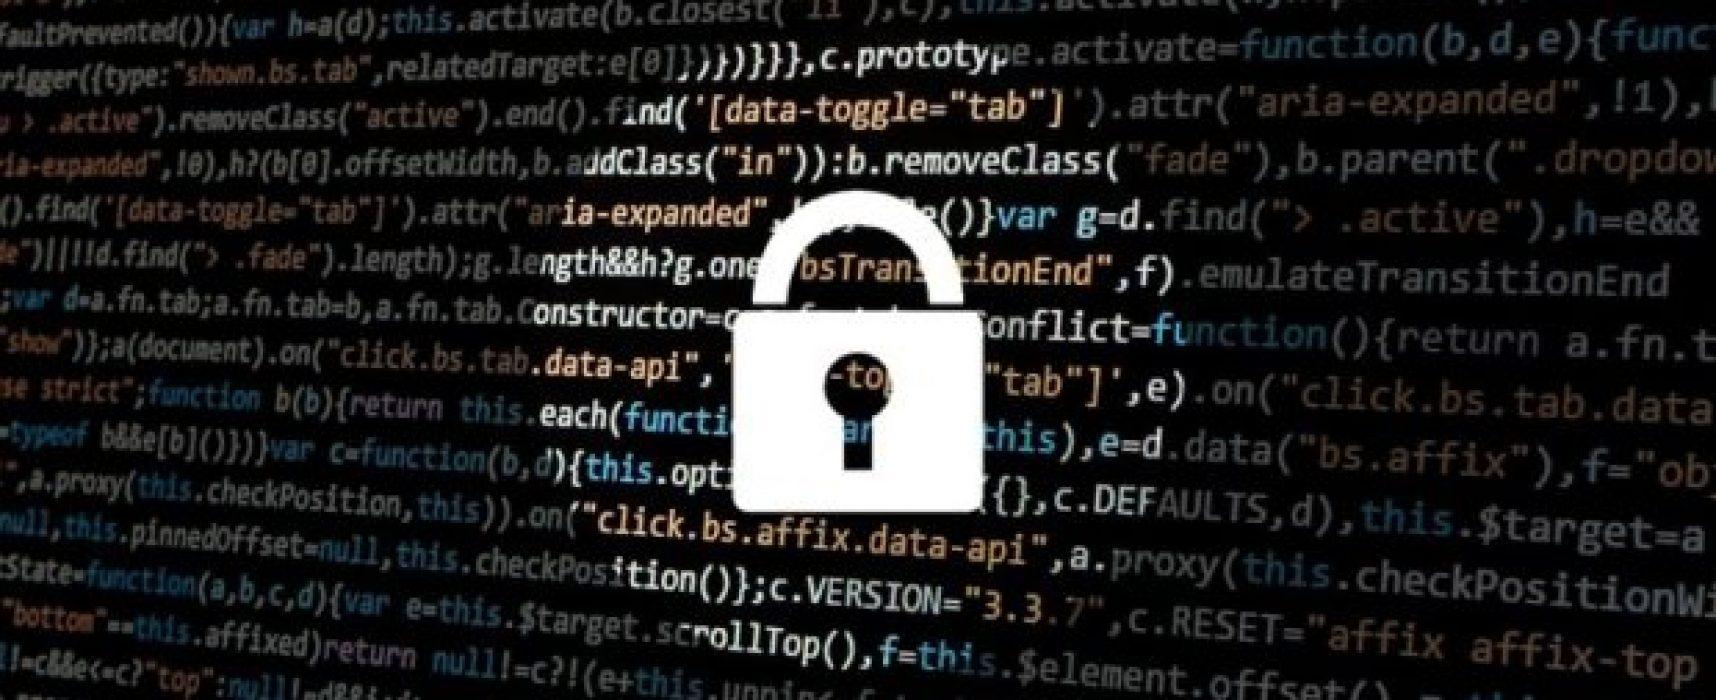 К хакерским атакам на украинский Кабмин причастна Россия — МВД